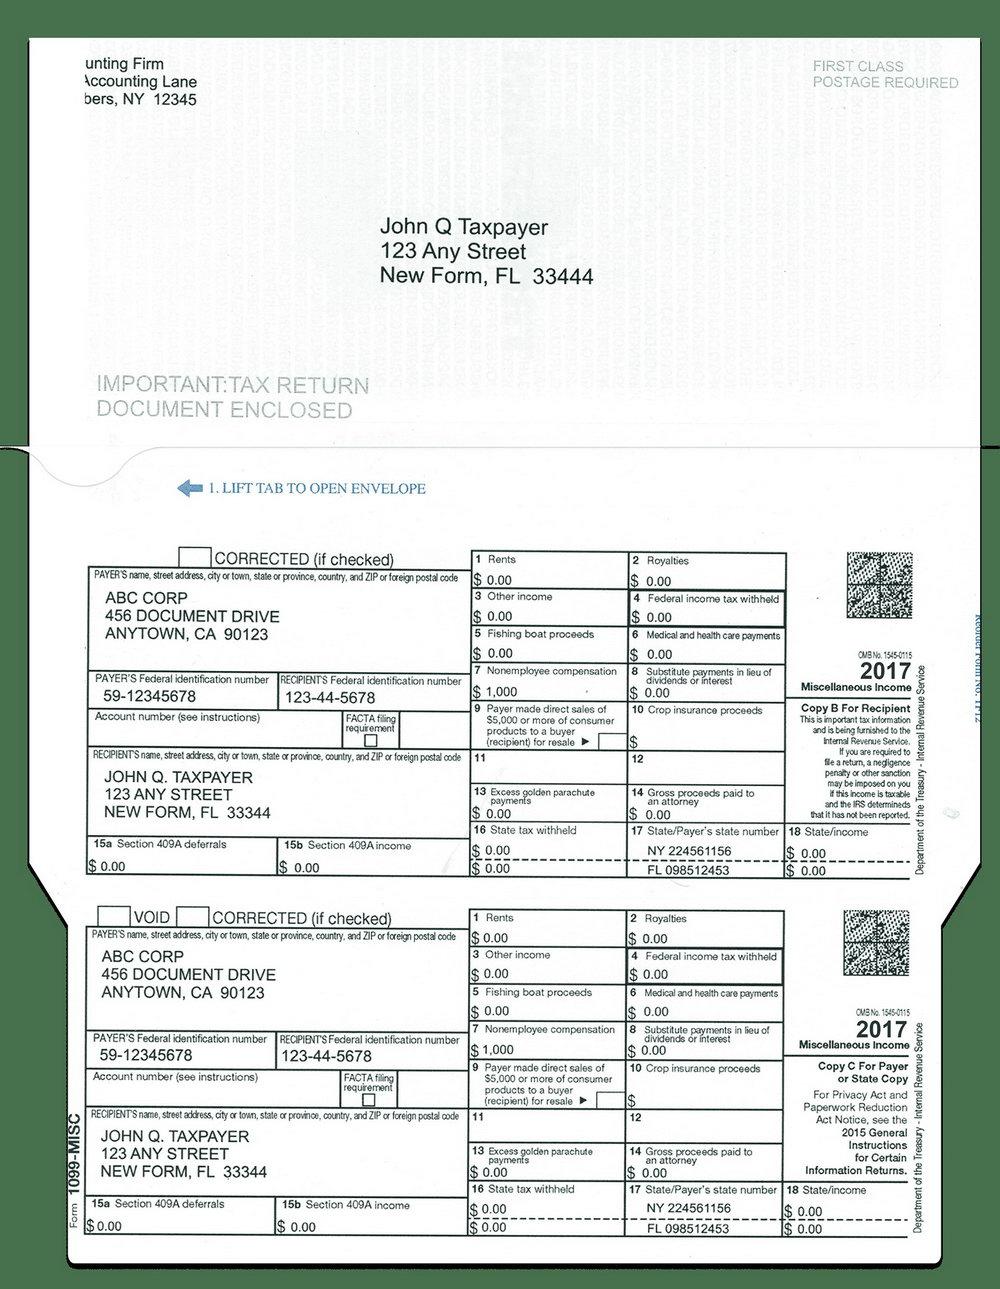 1099 Tax Form 2013